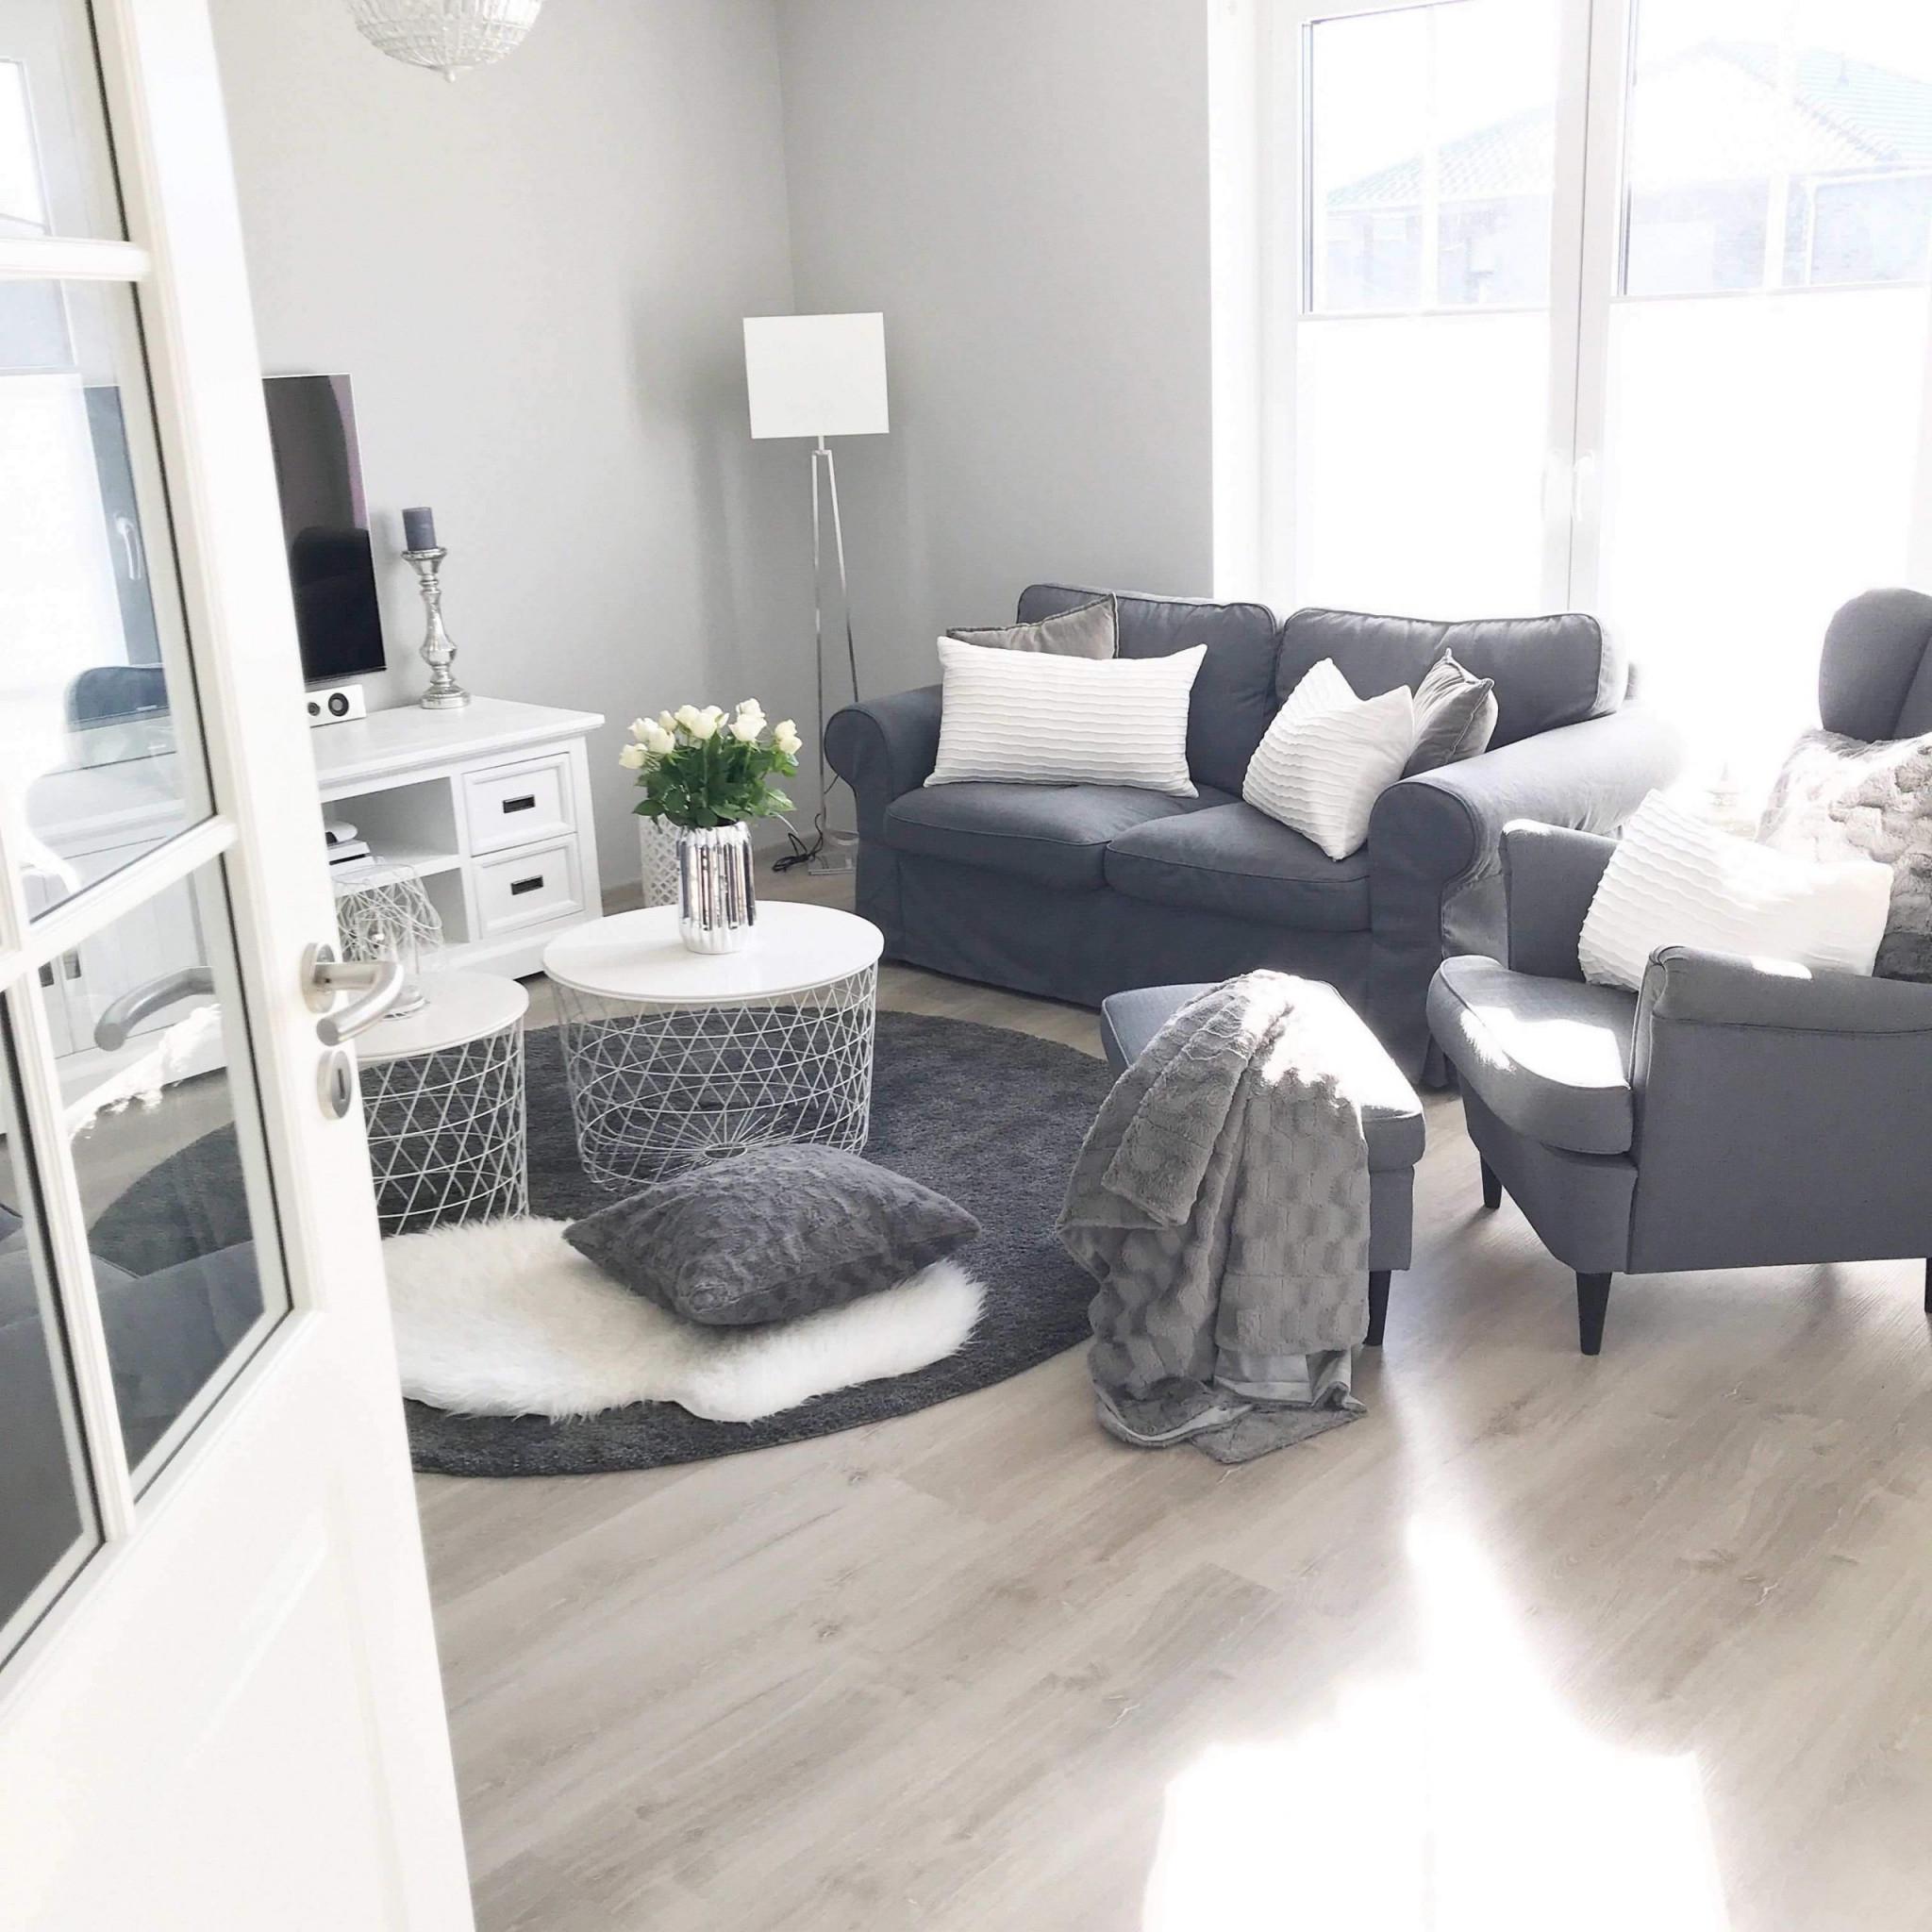 Moderner Landhausstil Wohnzimmer Frisch 45 Luxus Von von Wohnzimmer Ideen Landhausstil Bild